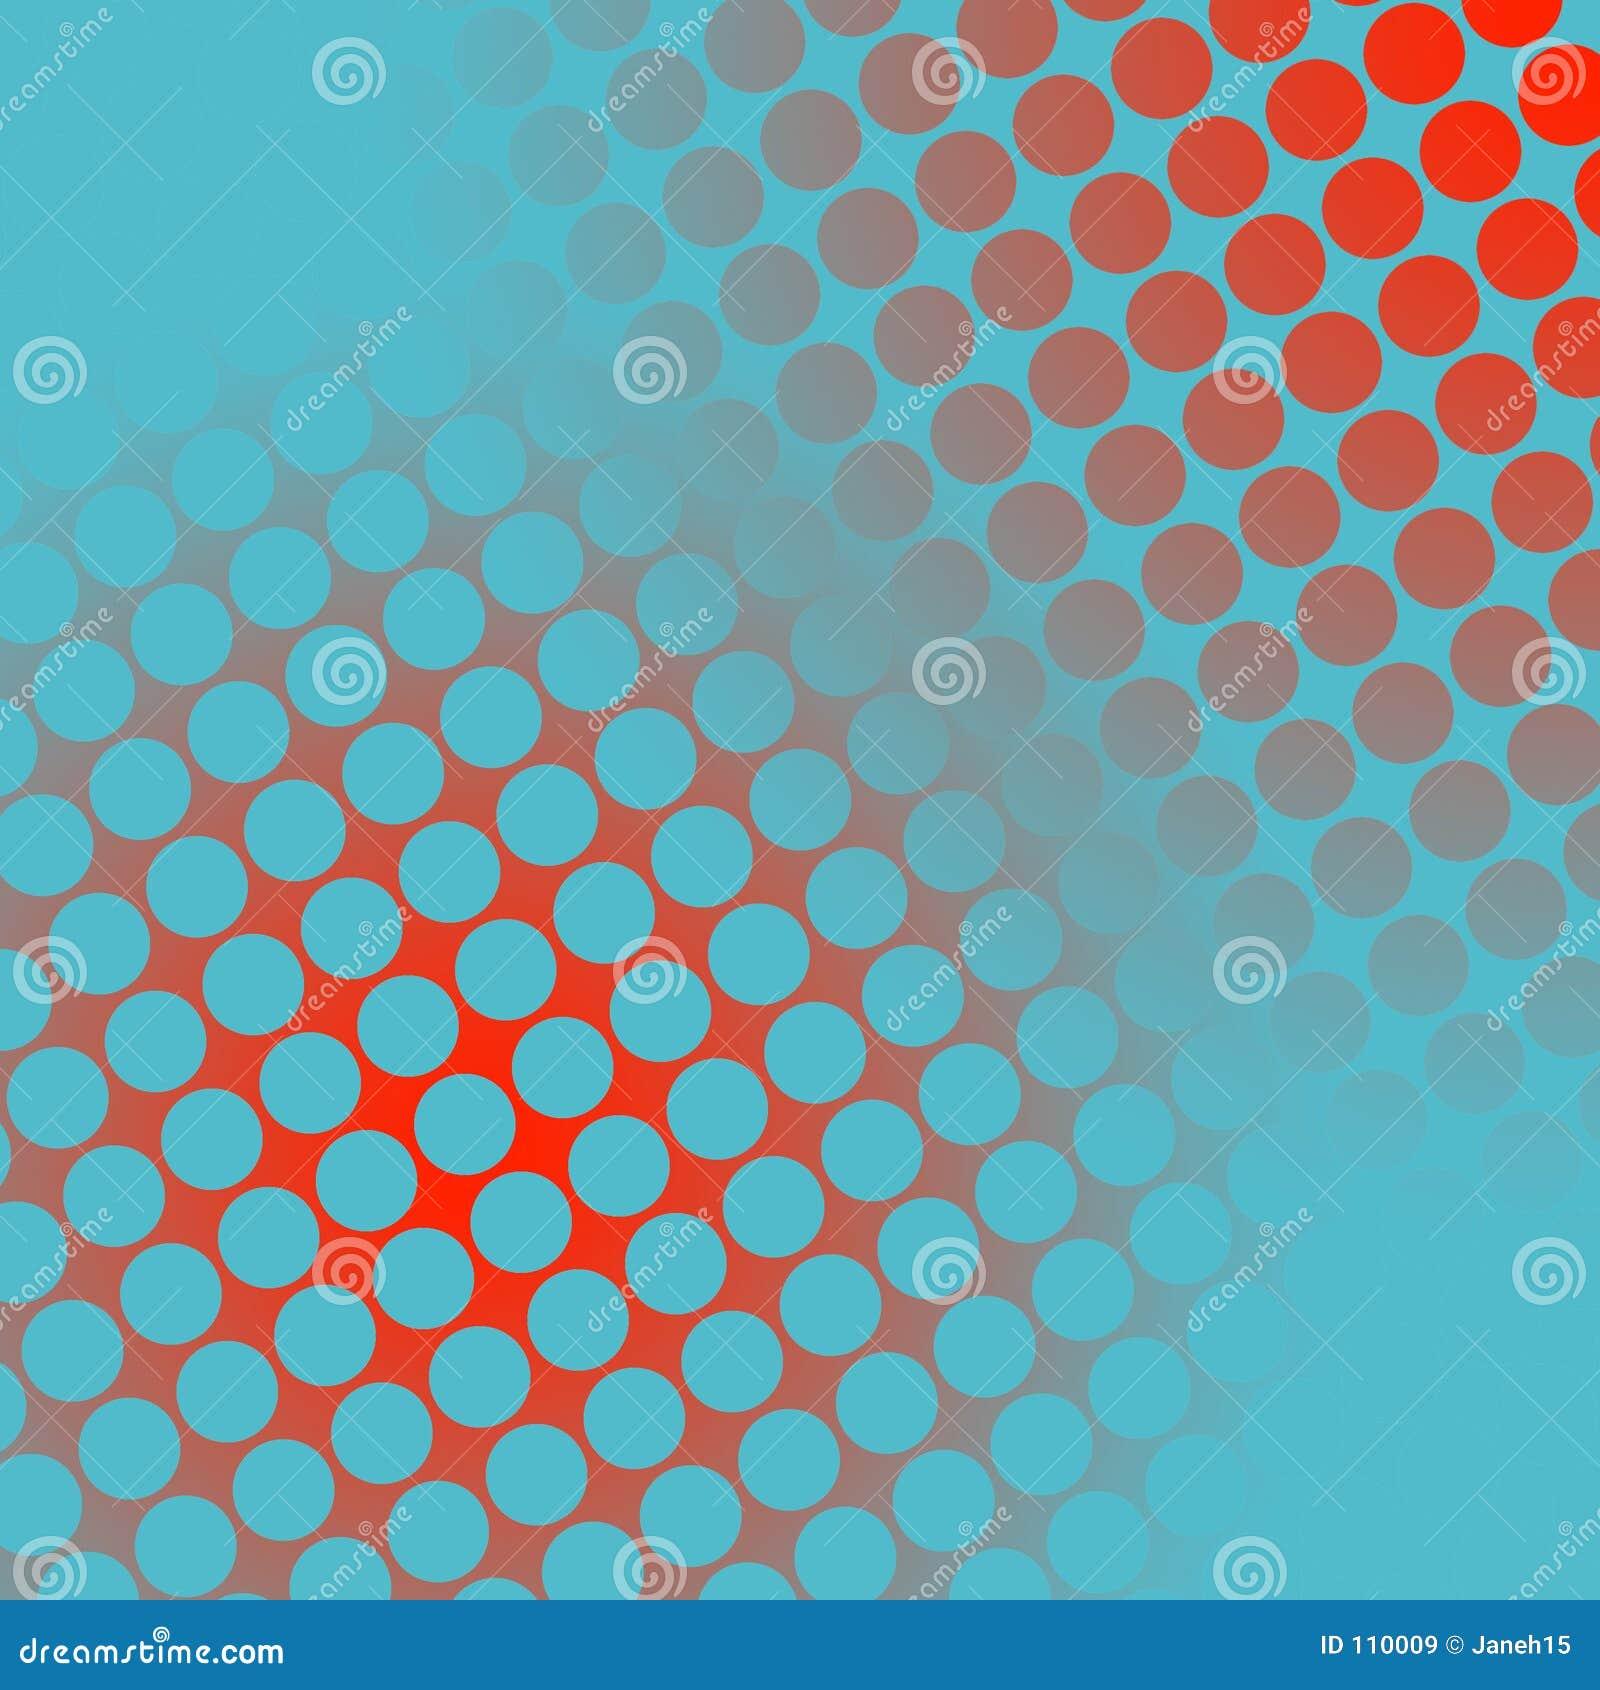 Vlekken op rood en blauw